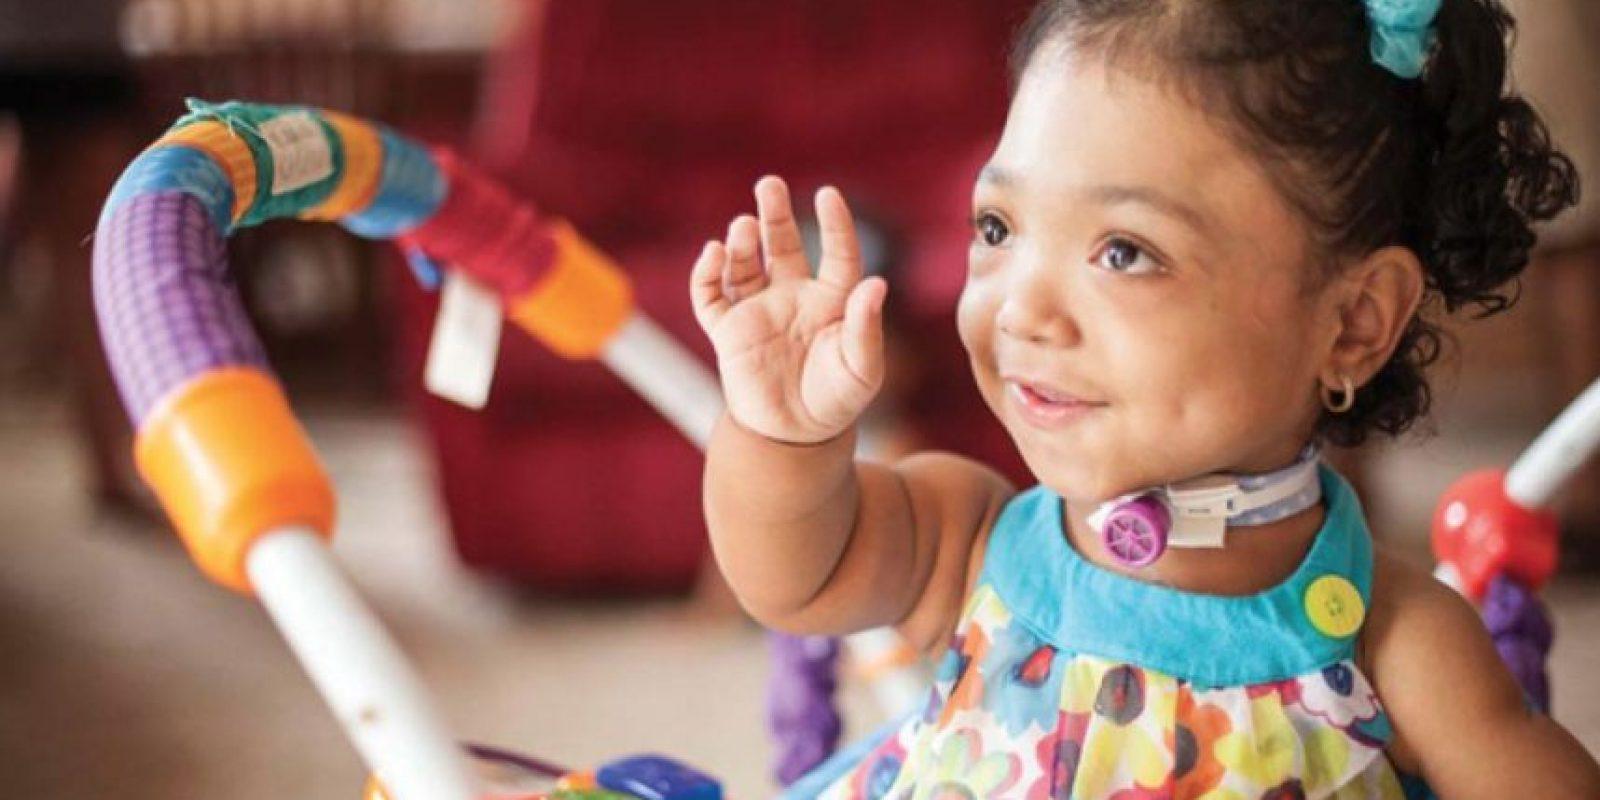 Se mueve en silla de ruedas y su estatura no corresponde a la de su edad, pero sus huesos no han dejado de crecer. Foto:Vía Childrenshospital.vanderbilt.org